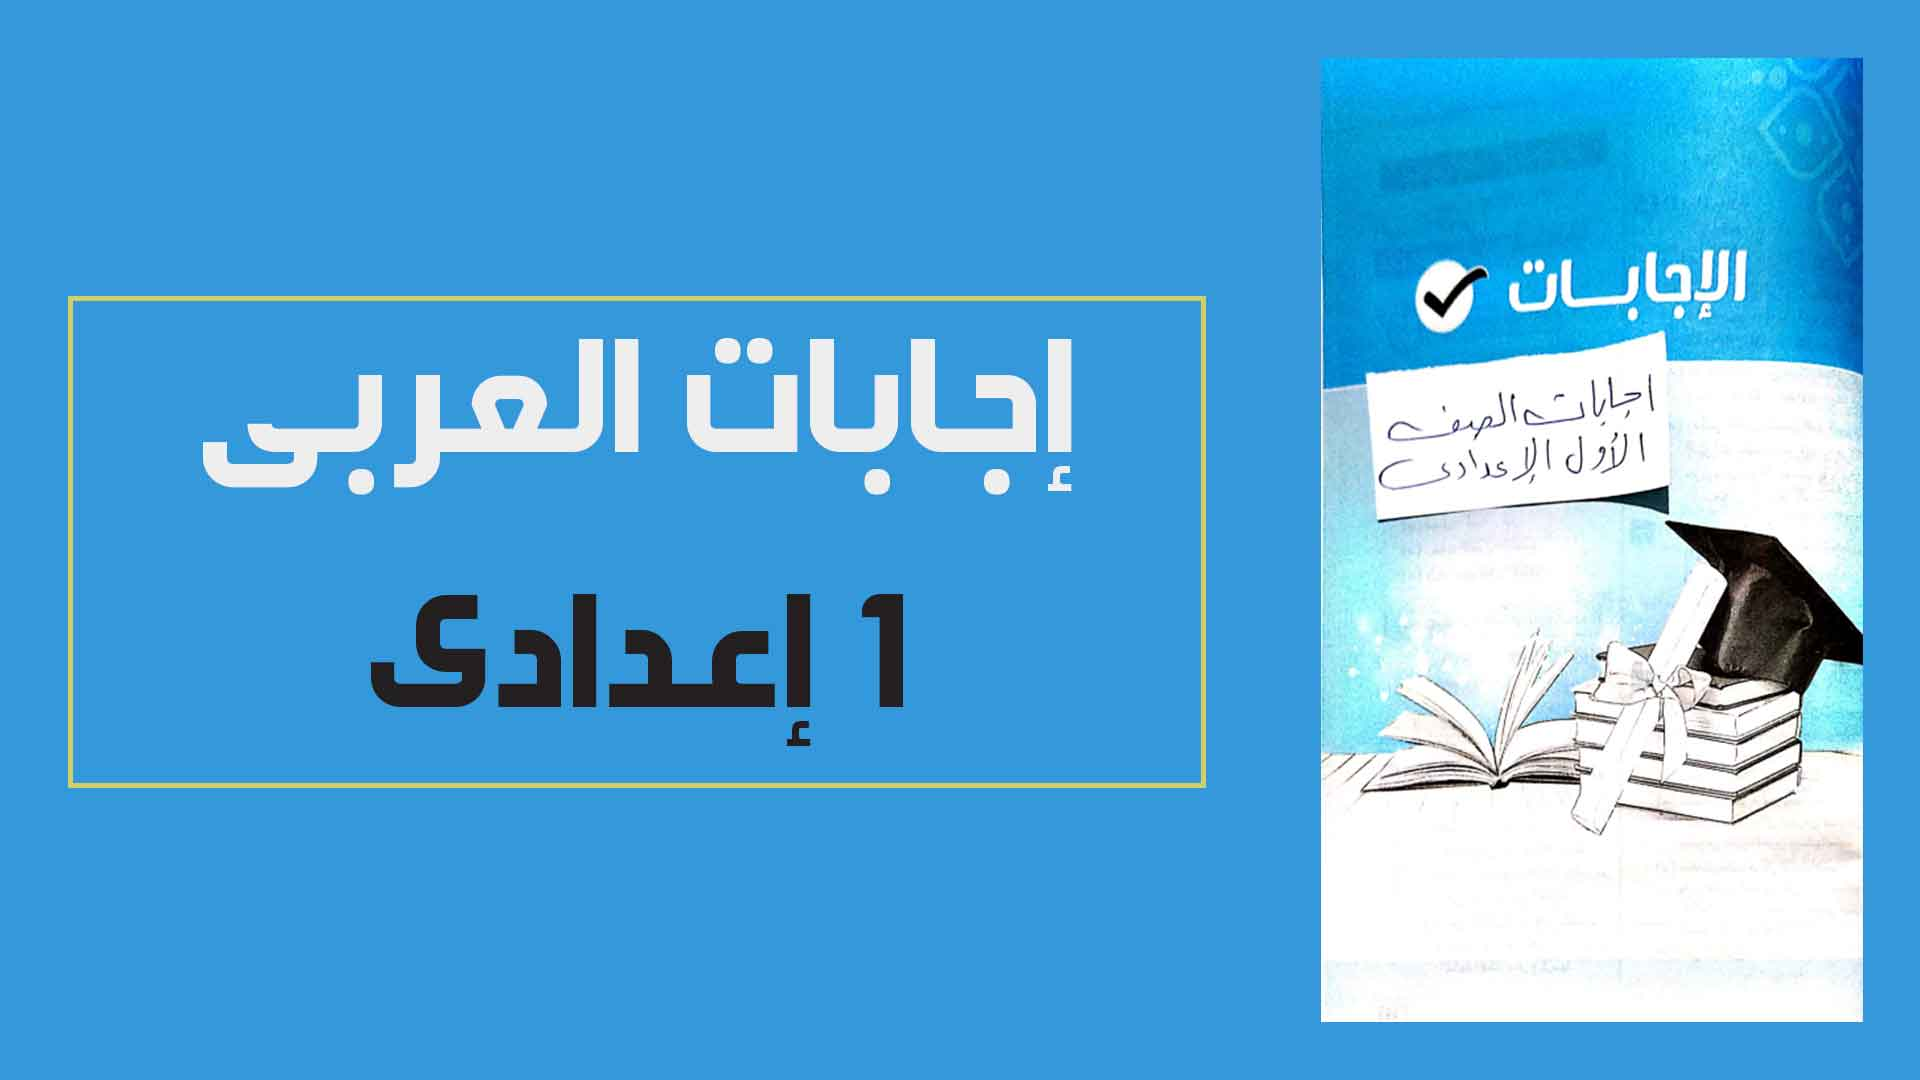 اجابات كتاب الامتحان فى اللغة العربية pdf للصف الاول الاعدادى الترم الأول 2022